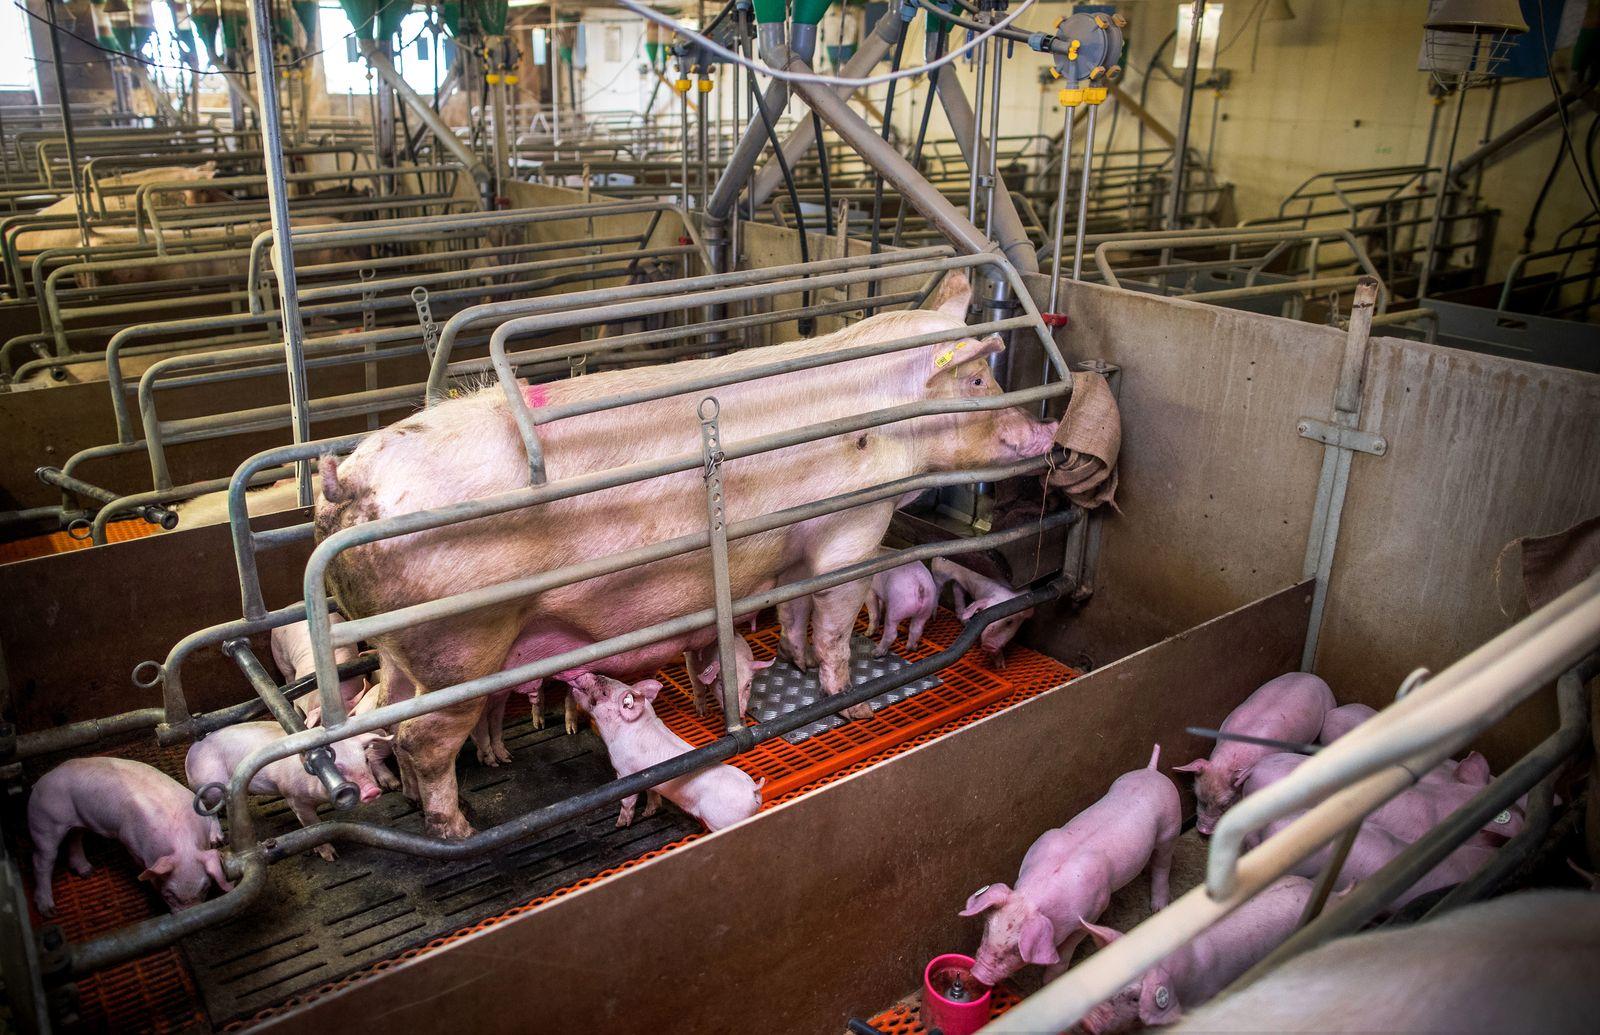 Schweinehaltung in Kastenständen